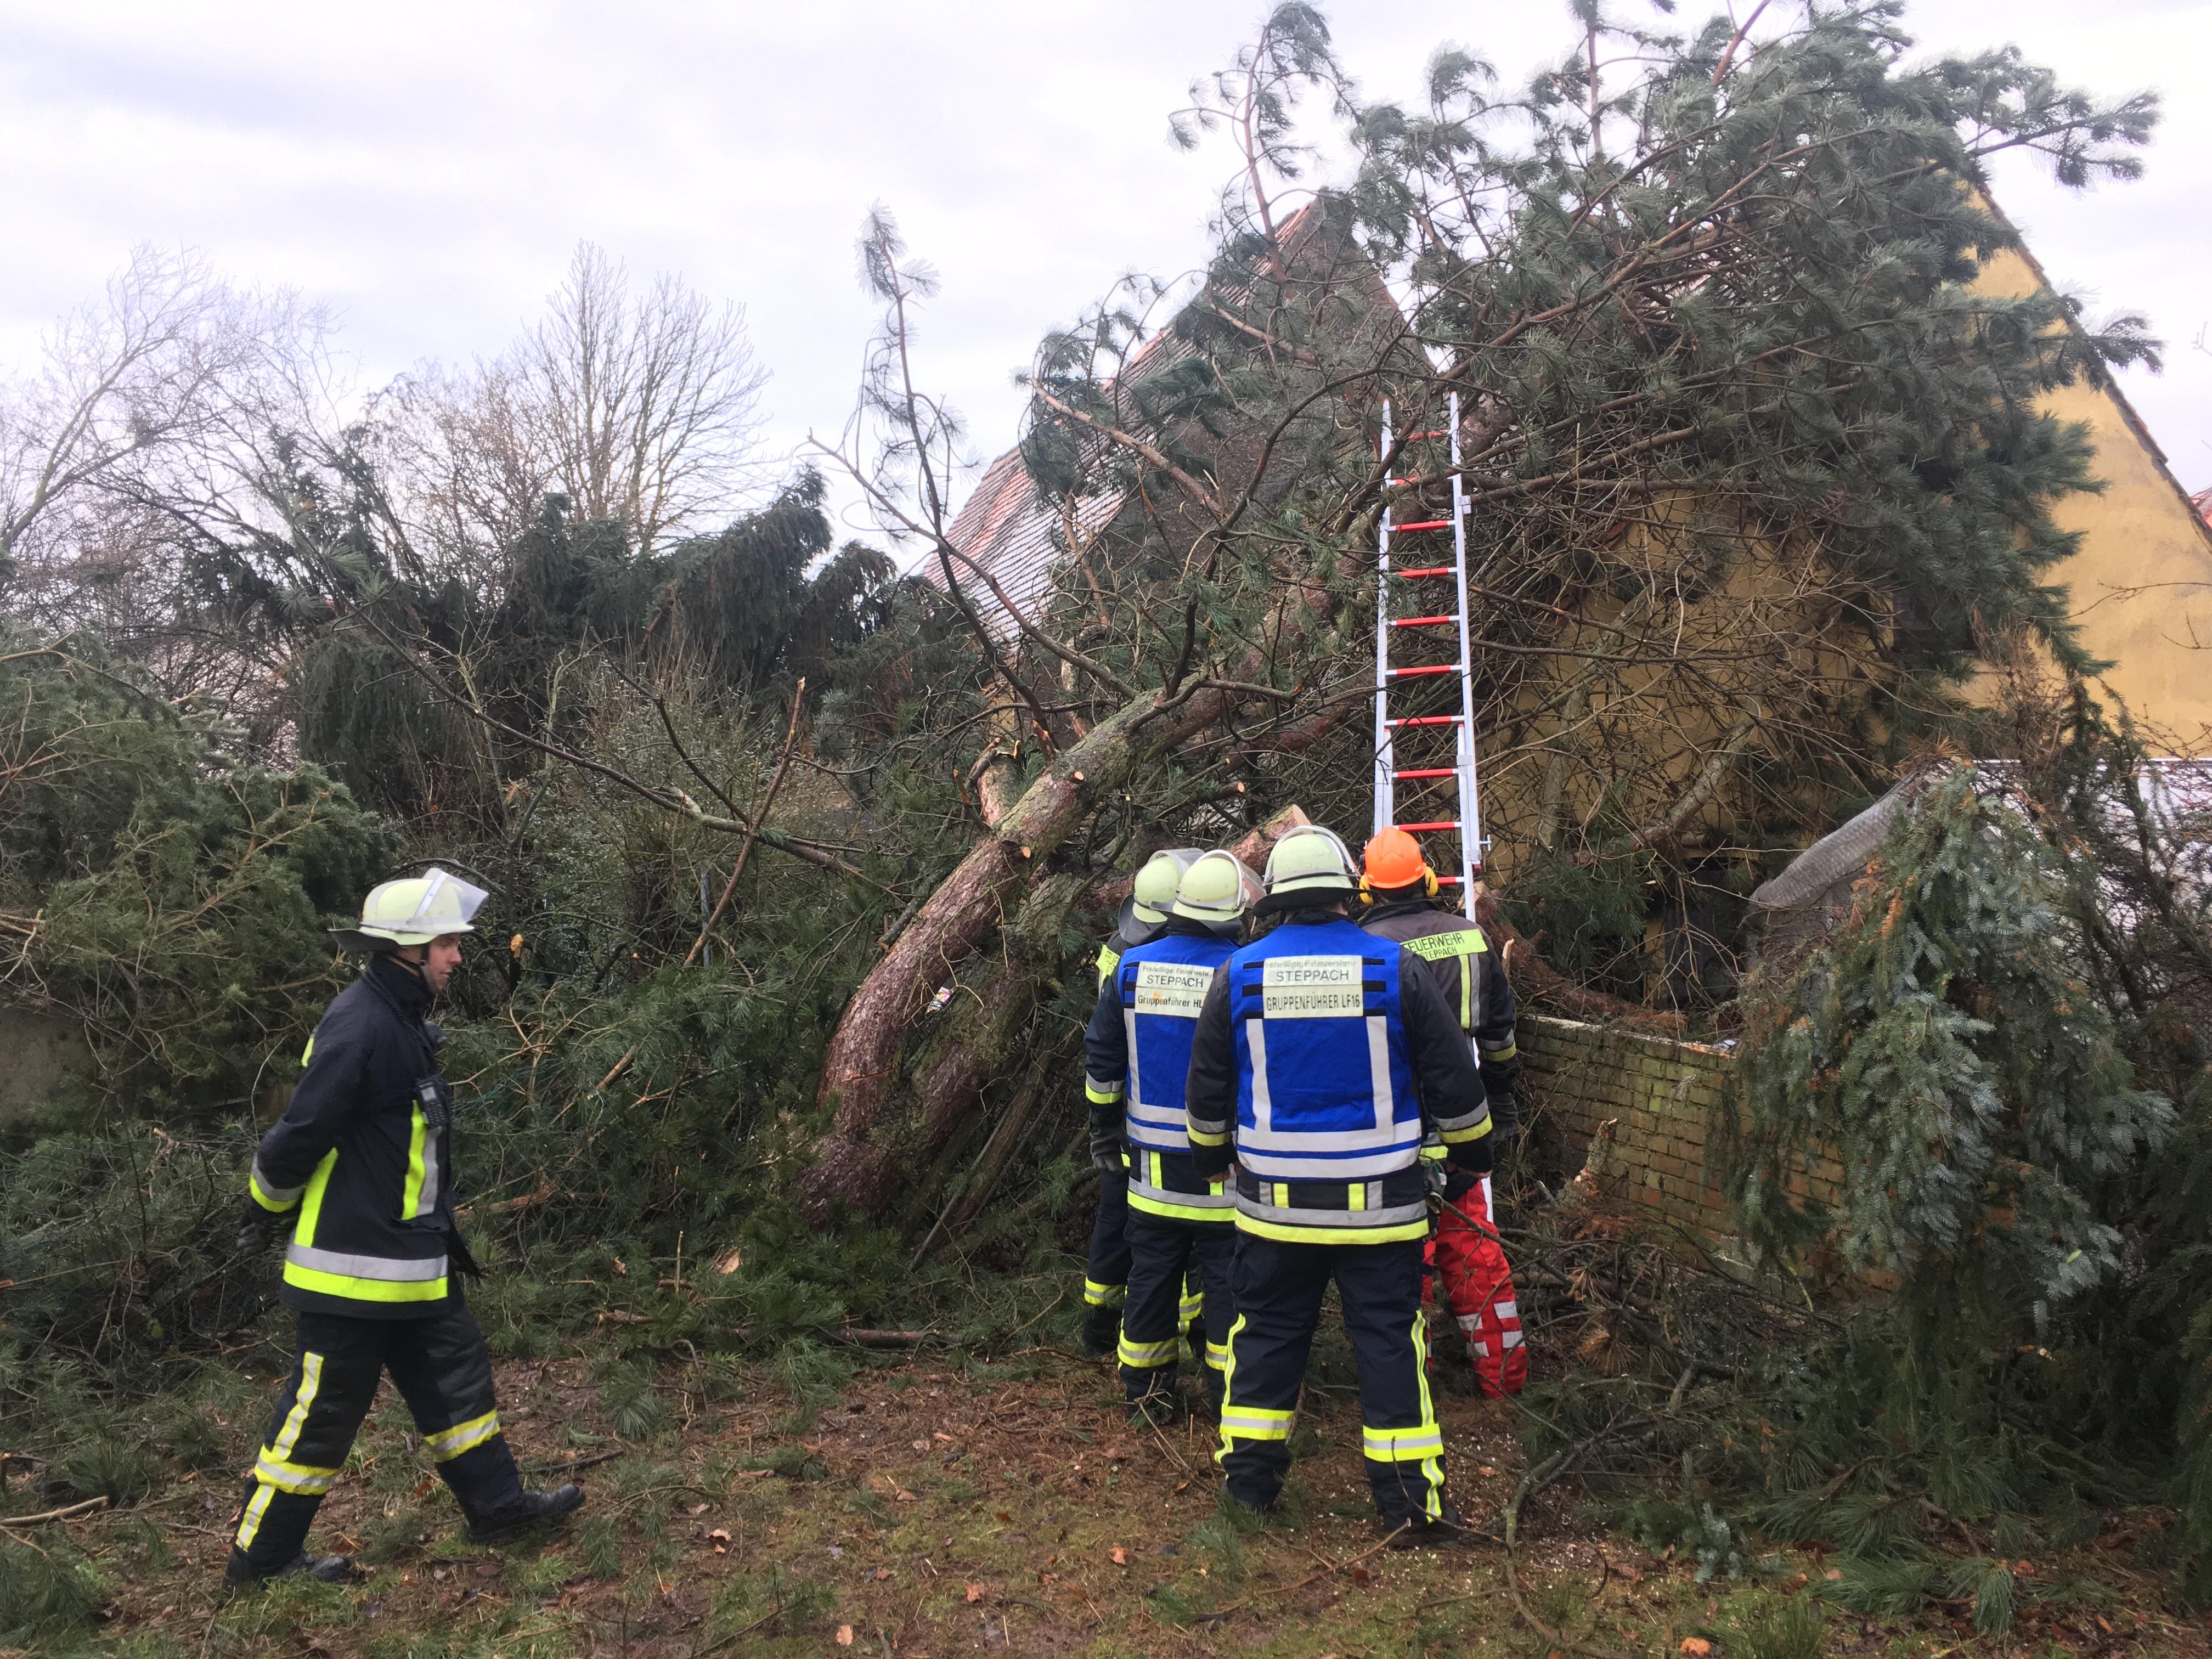 Technische Hilfeleistung vom 03.01.2018  |  (C) Feuerwehr Steppach (2018)